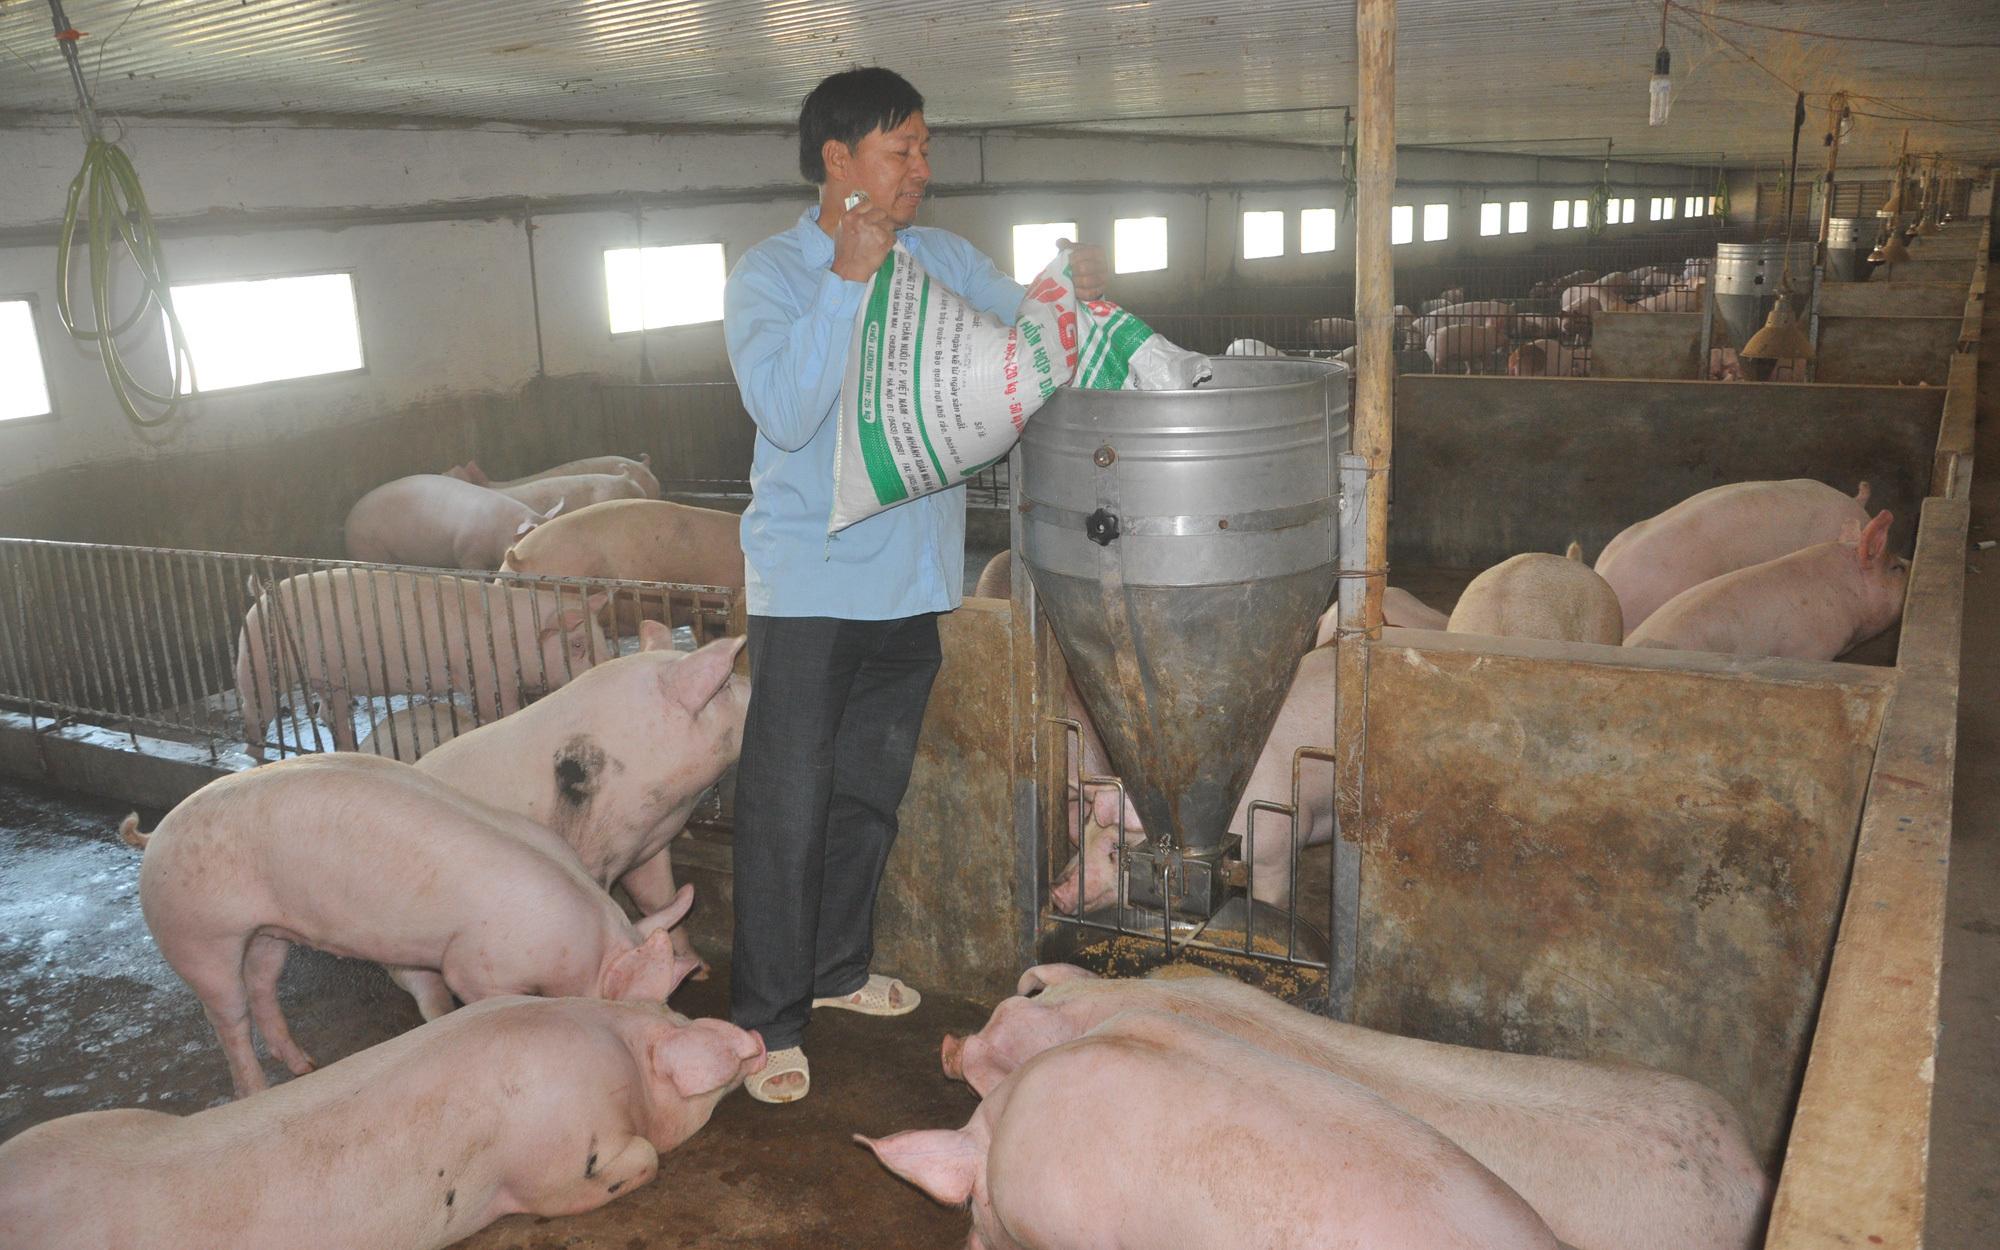 Giá thức ăn tăng, lợn hơi giảm, giá thịt vẫn neo cao